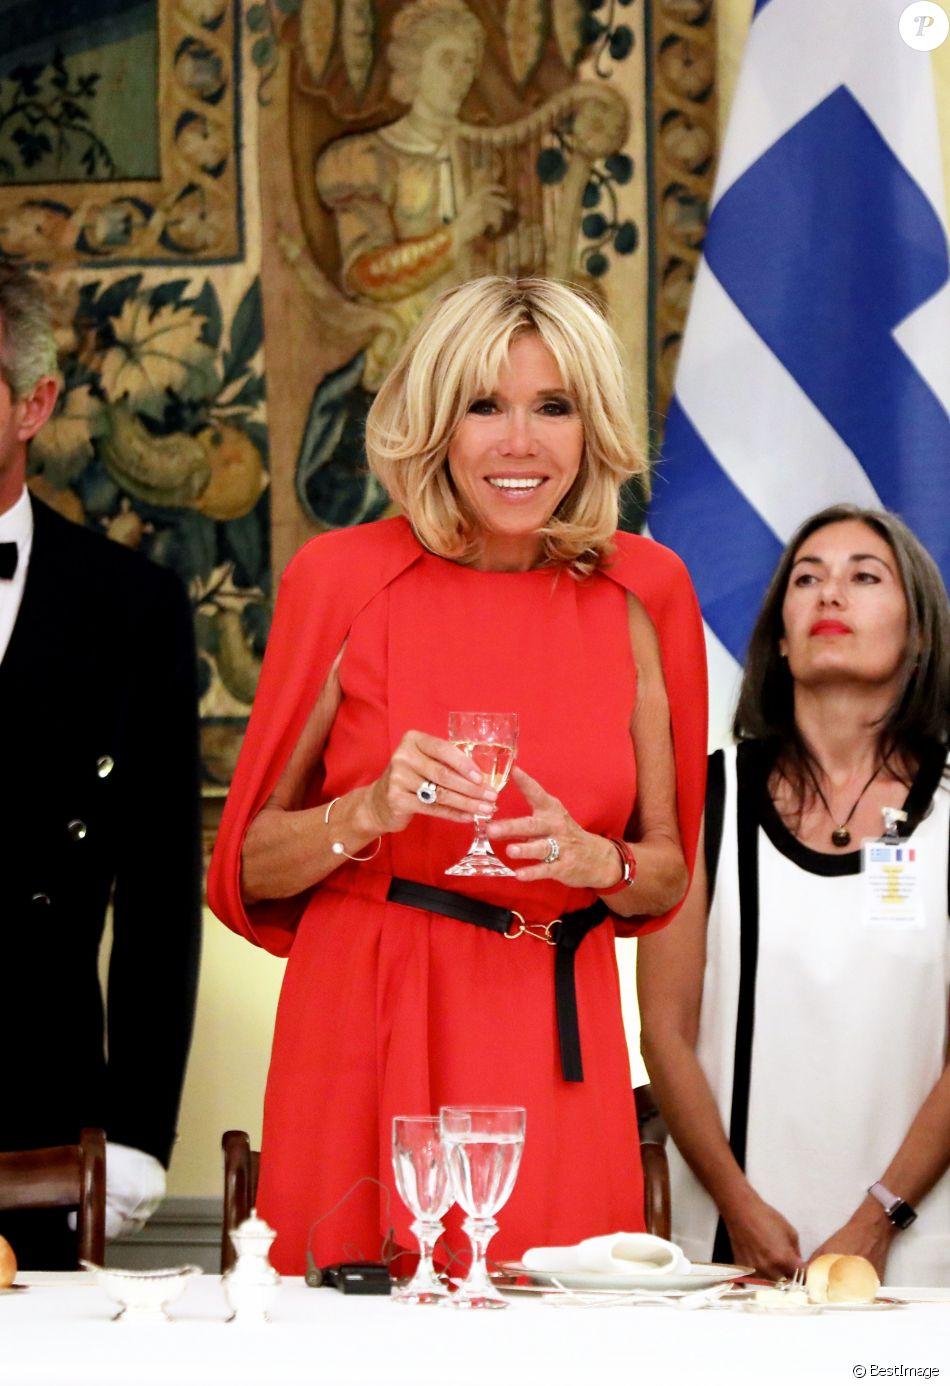 La Première Dame Brigitte Macron (Trogneux) - Dîner d'Etat en l'honneur du président de la République française et sa femme la Première Dame au Palais présidentiel d'Athènes, Grèce, le 7 septembre 2017. © Dominique Jacovides/Bestimage